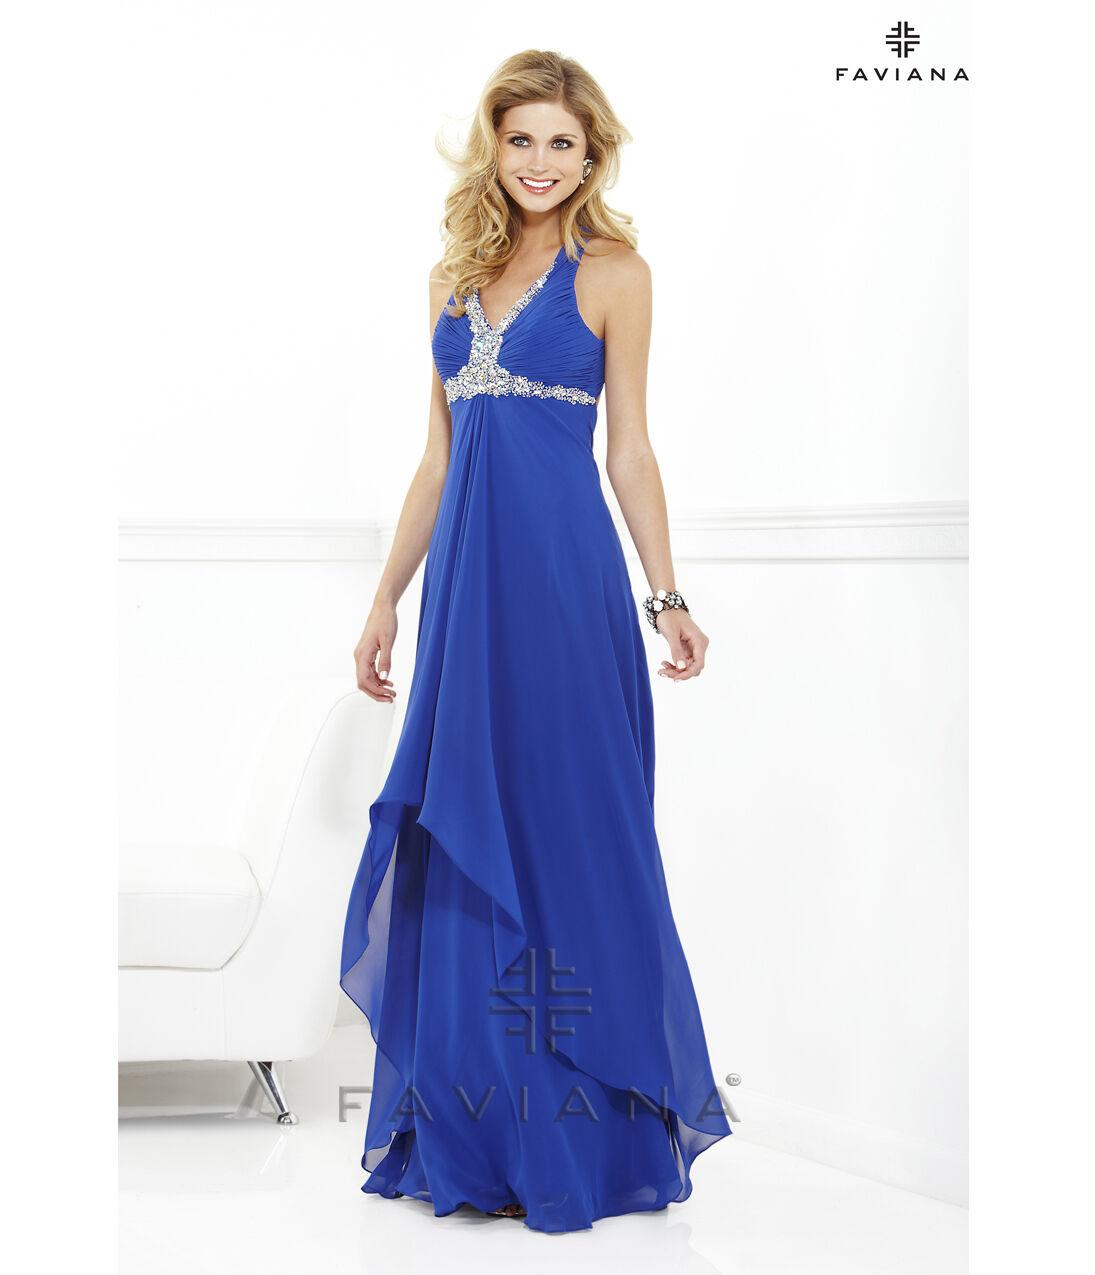 Nuevo Faviana 6916 azul cielo largo  desfile vestido vestido de Royal Baile de Graduación Formal Talla 0-14  la mejor selección de